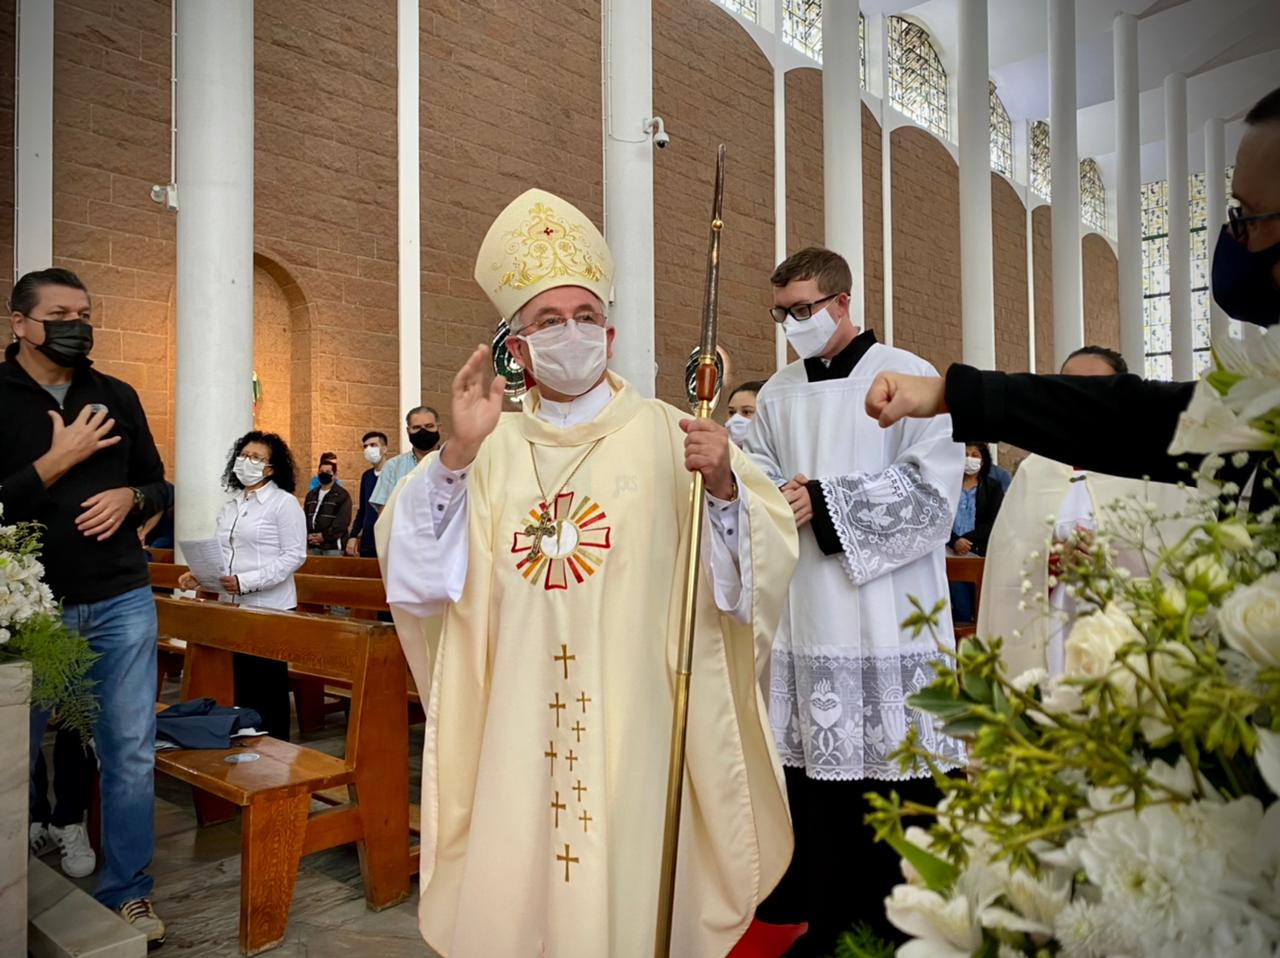 Missa foi celebrada na manhã desta quinta-feira (3) em Blumenau - Moisés Stuker/NDTV